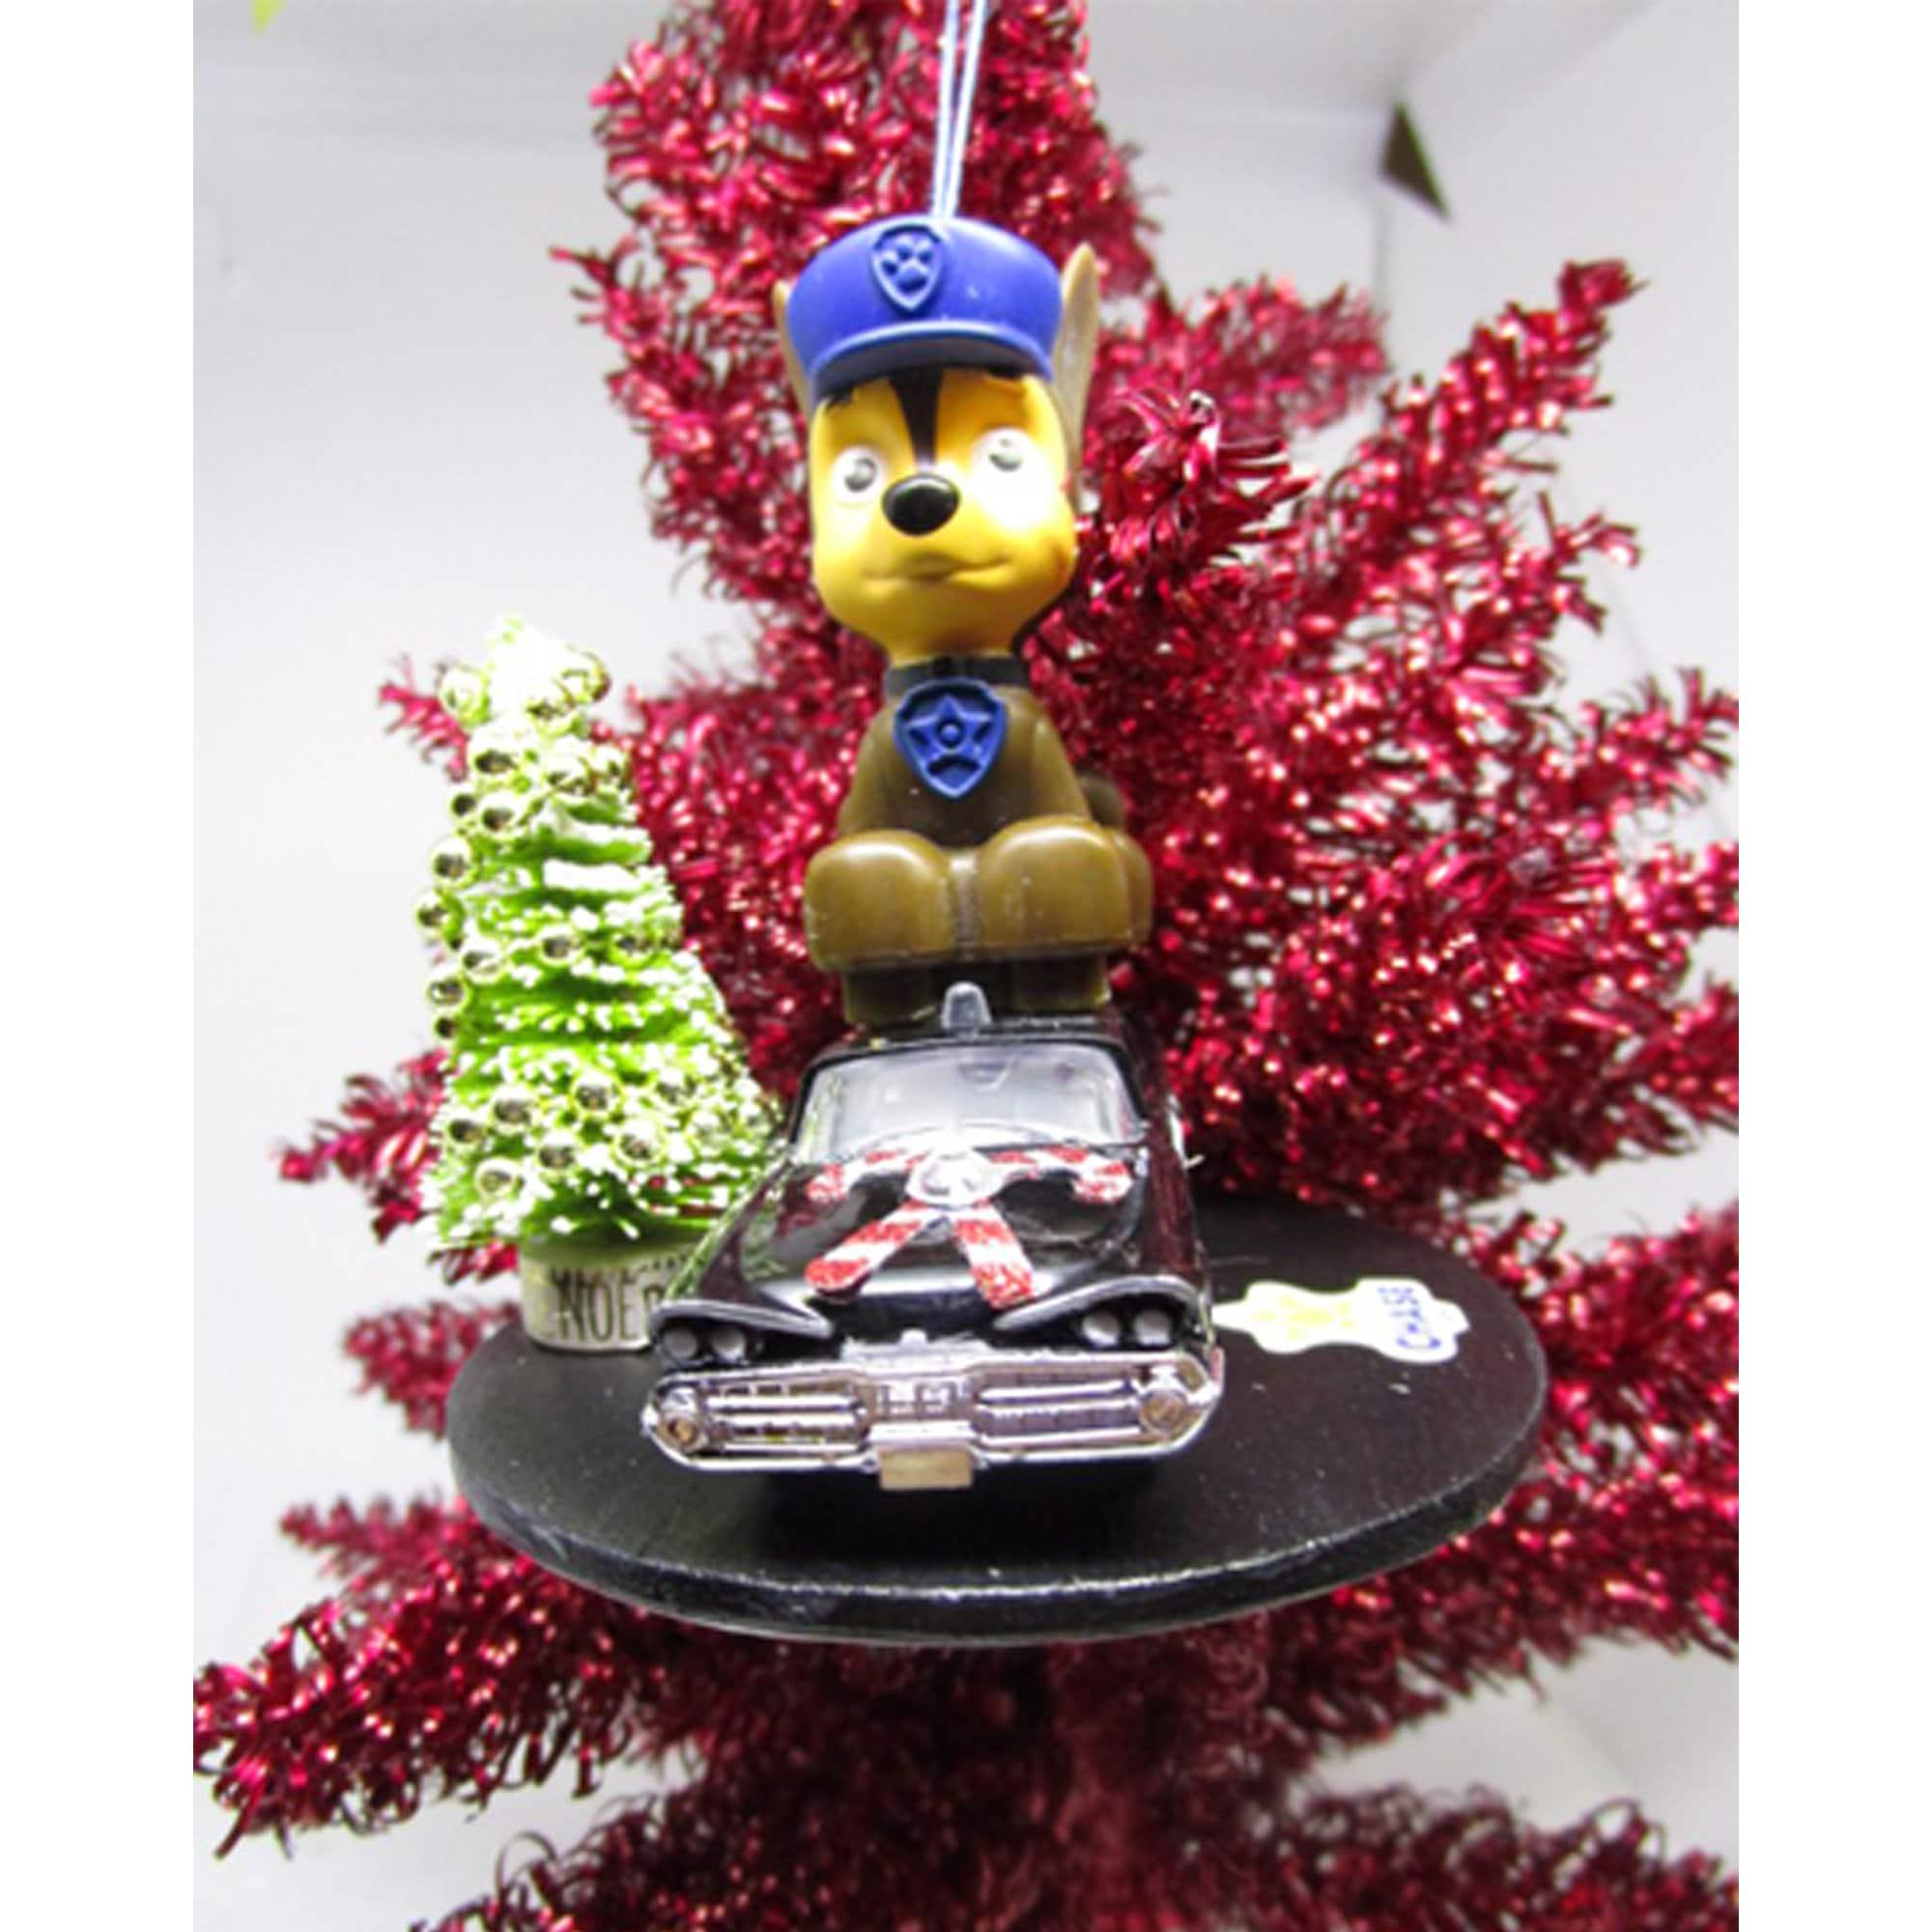 Paw Patrol Christmas Ornament.Chase Paw Patrol Christmas Ornament